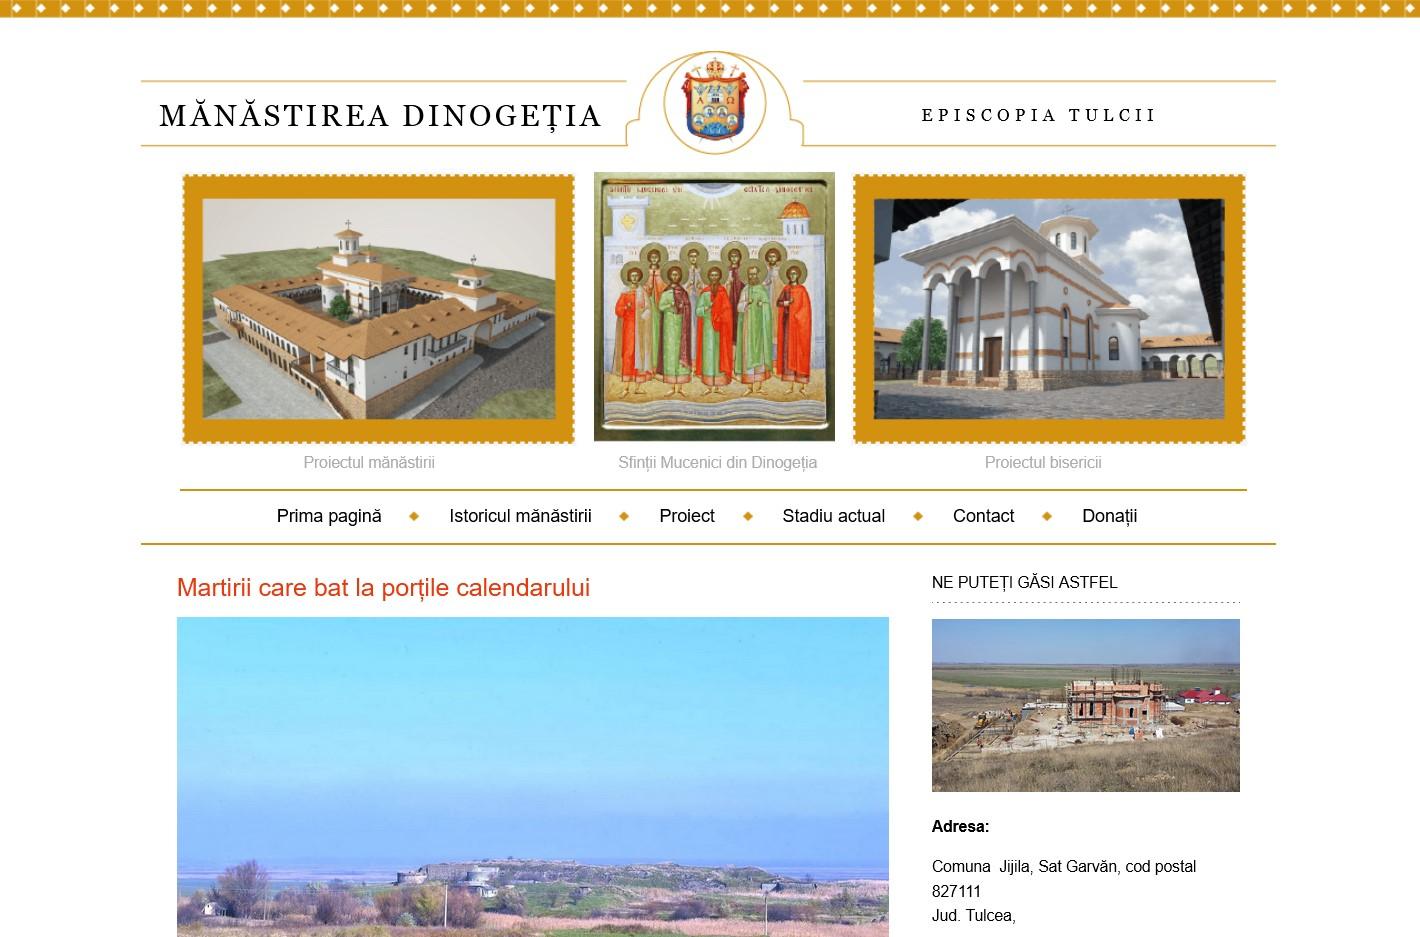 manastirea-dinogetia